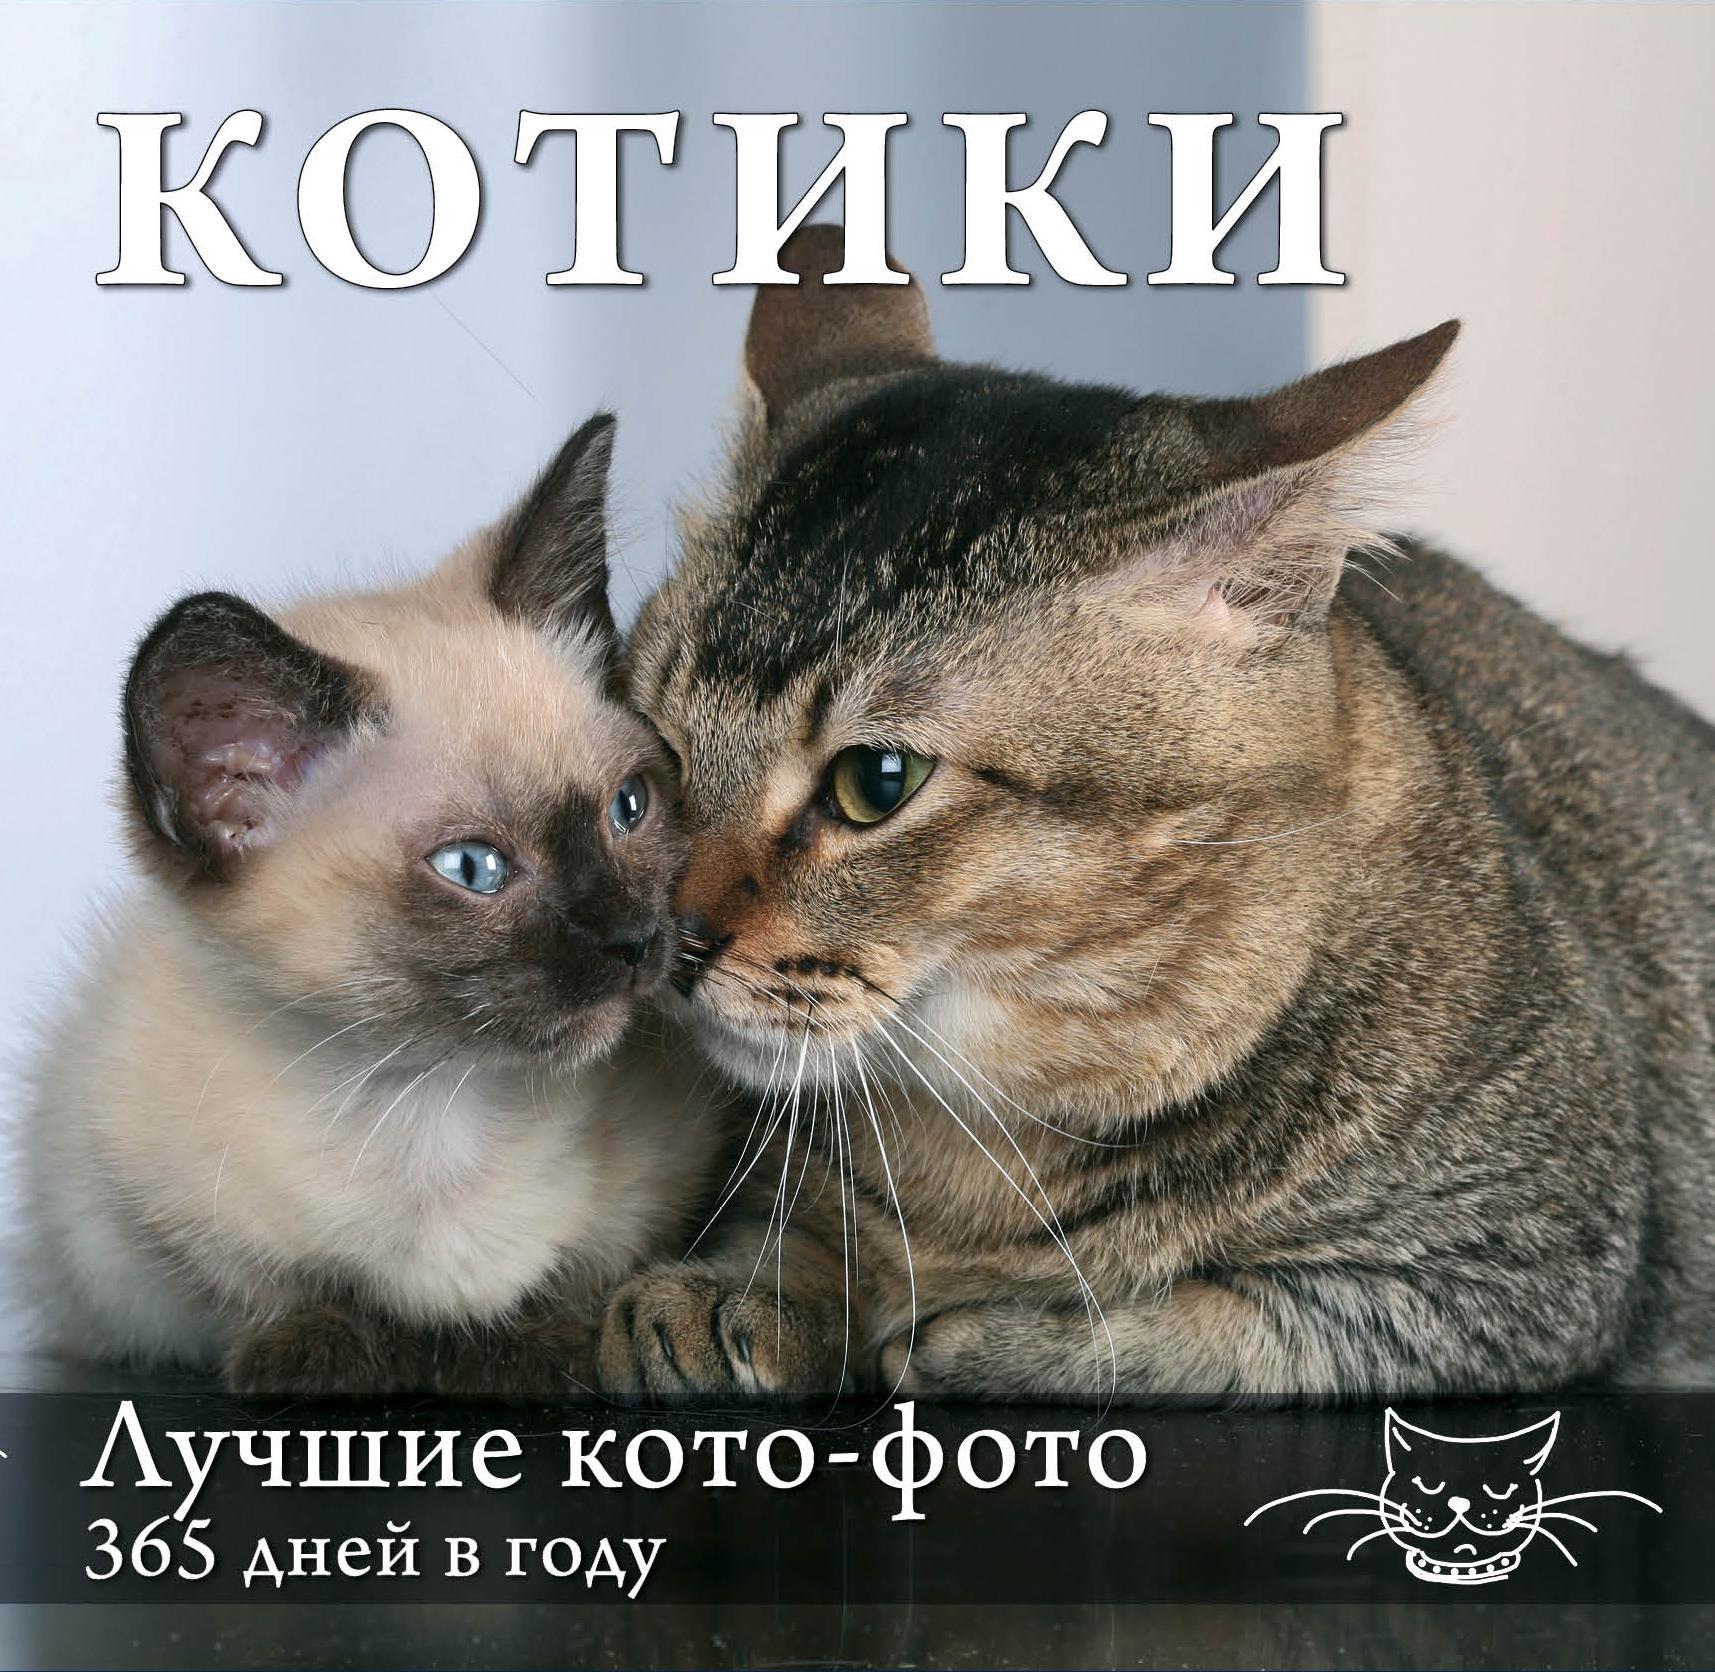 Календарь. Котики: Лучшие кото-фото. 365 дней в году (оформление 2) koto пусковые провода для автомобилей 500а 2 5 м 40c° koto hcn 525